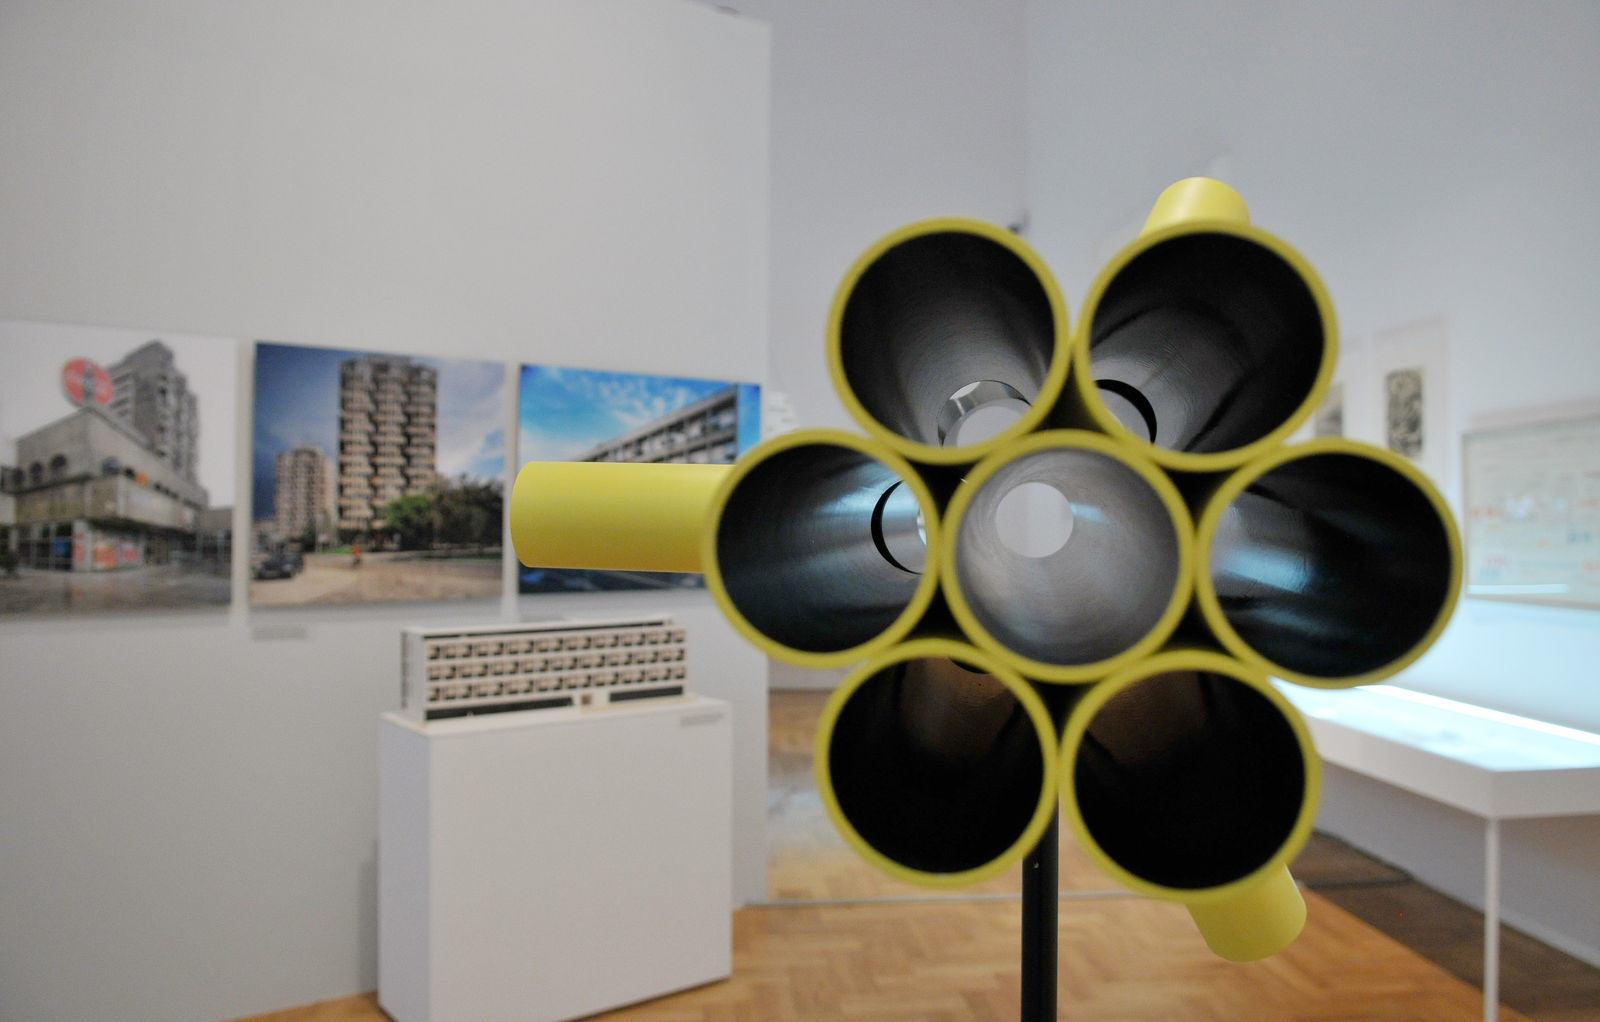 widok ekspozycji, Zachęta – Narodowa Galeria Sztuki, Warszawa 2015, fot. Marek Krzyżanek